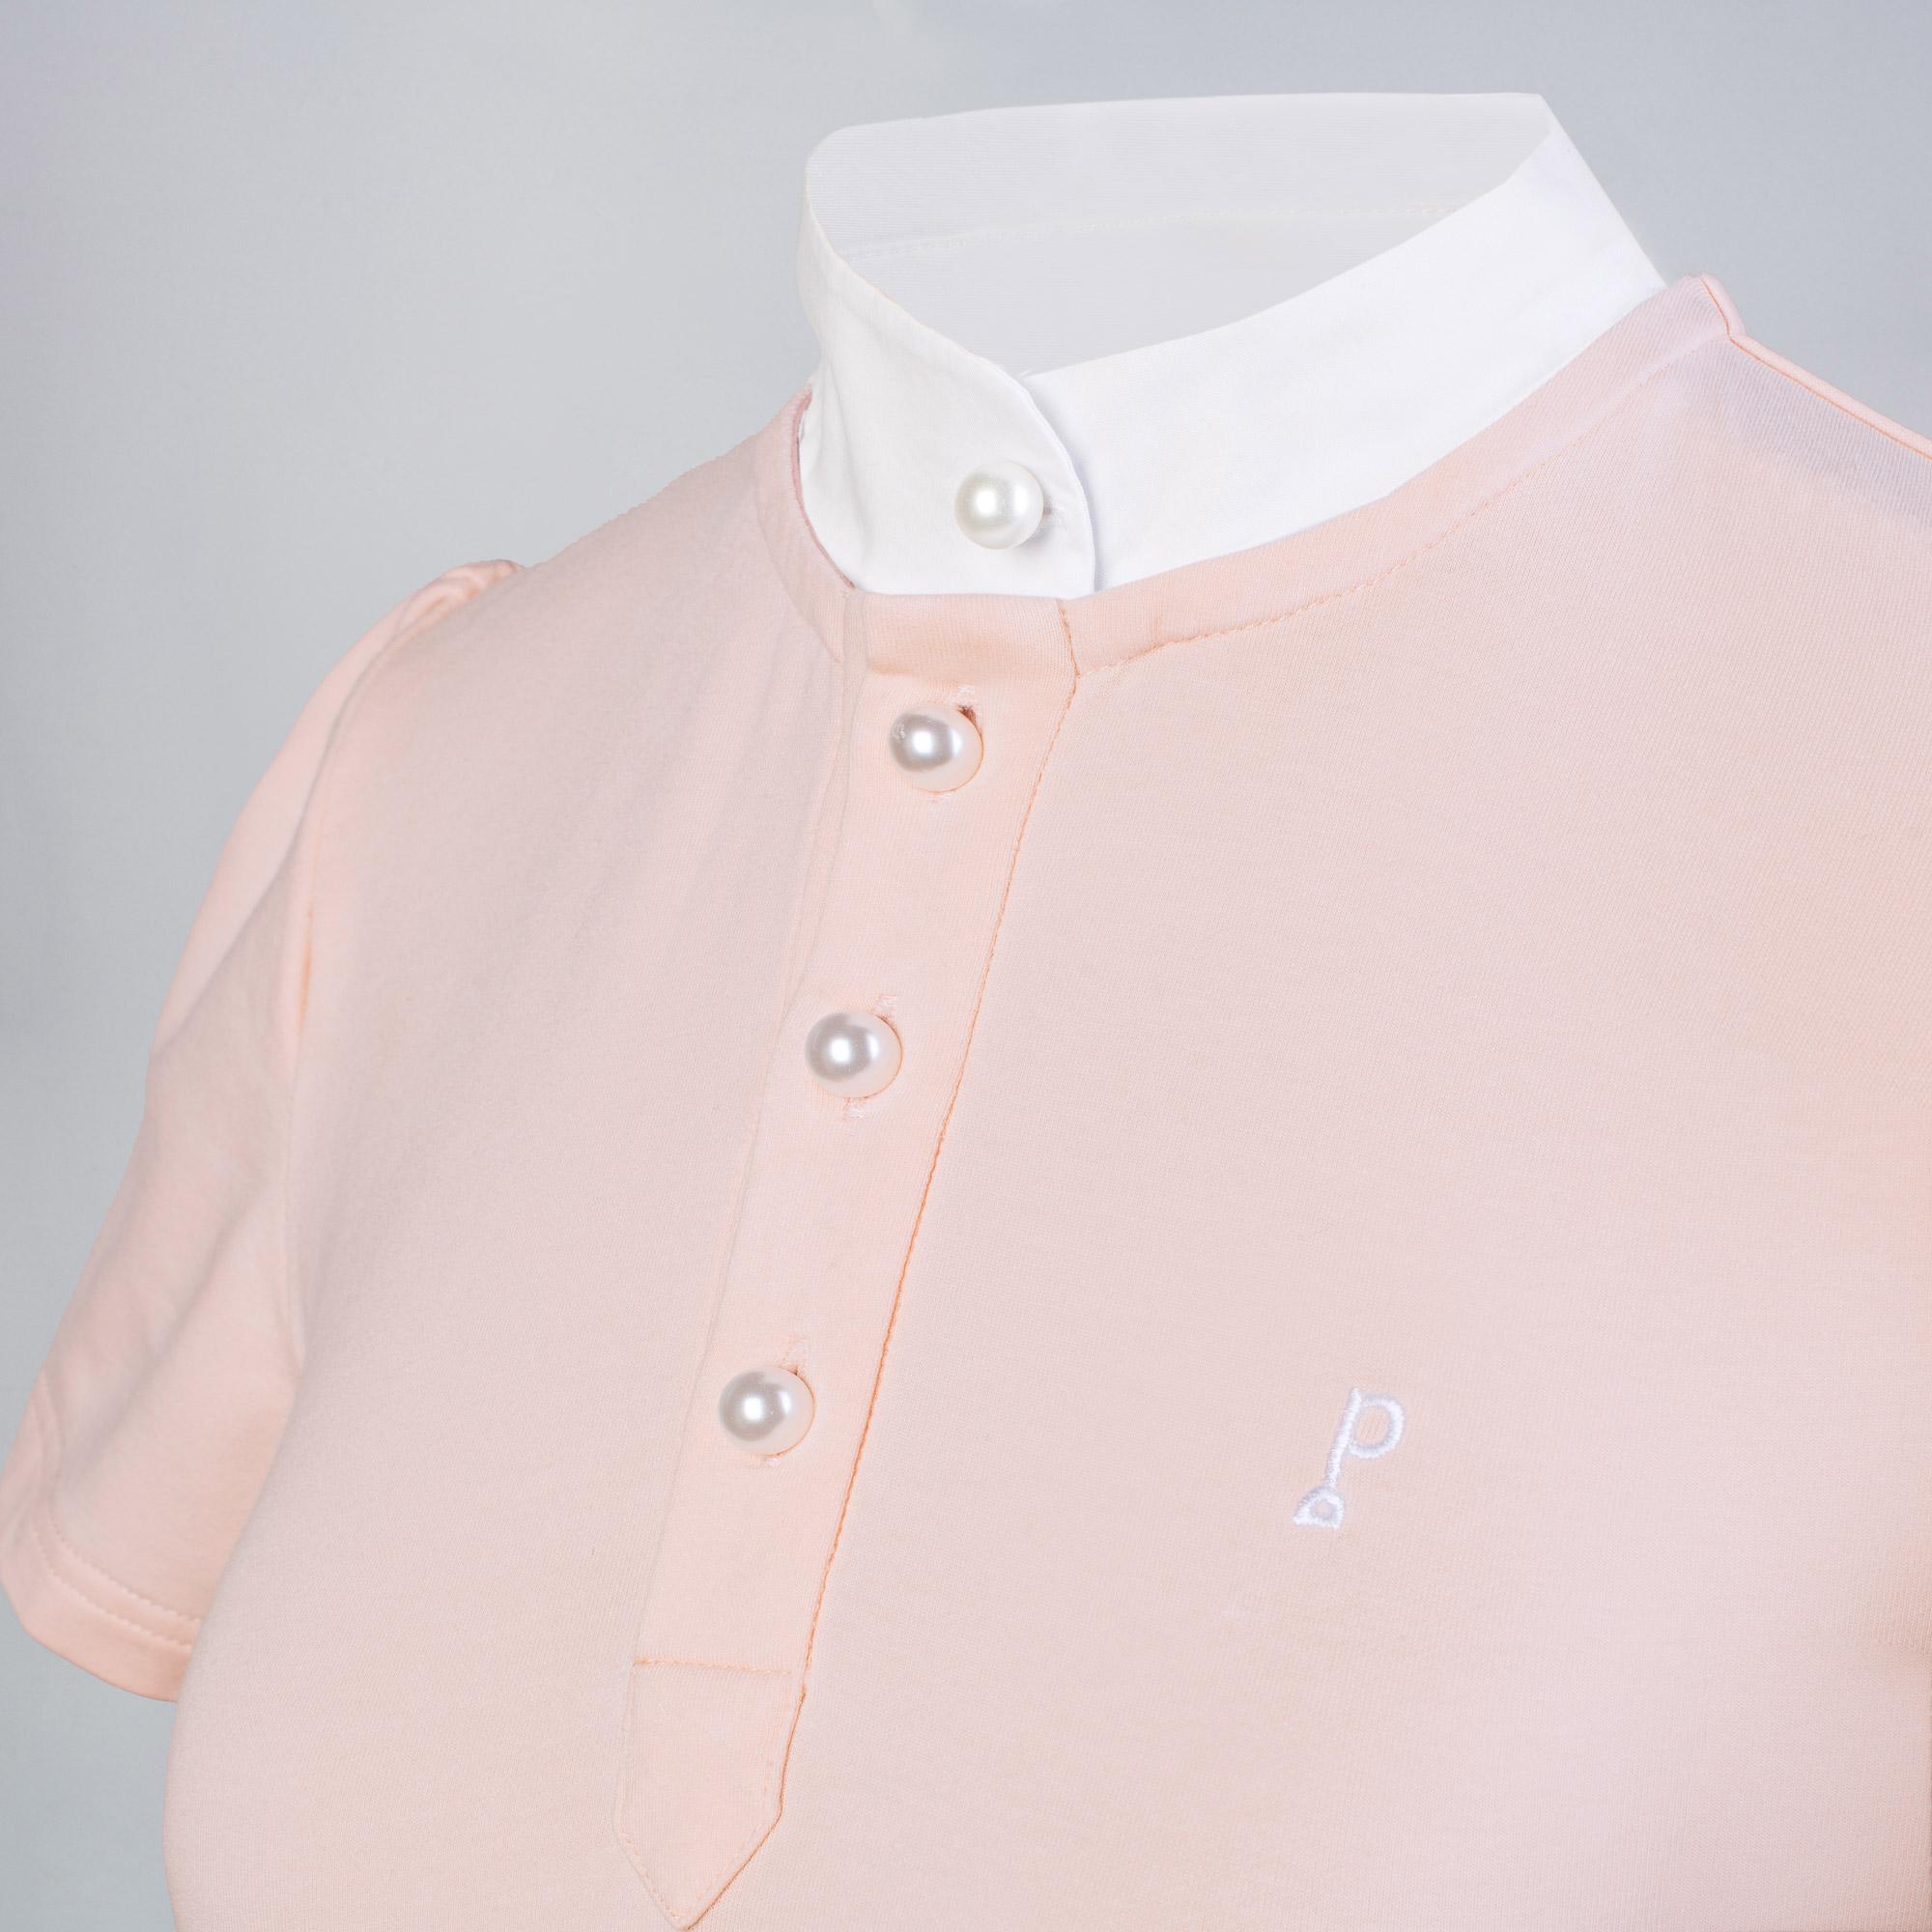 Polo Équitation Enfant - modèle Iconique couleur rose byTriple